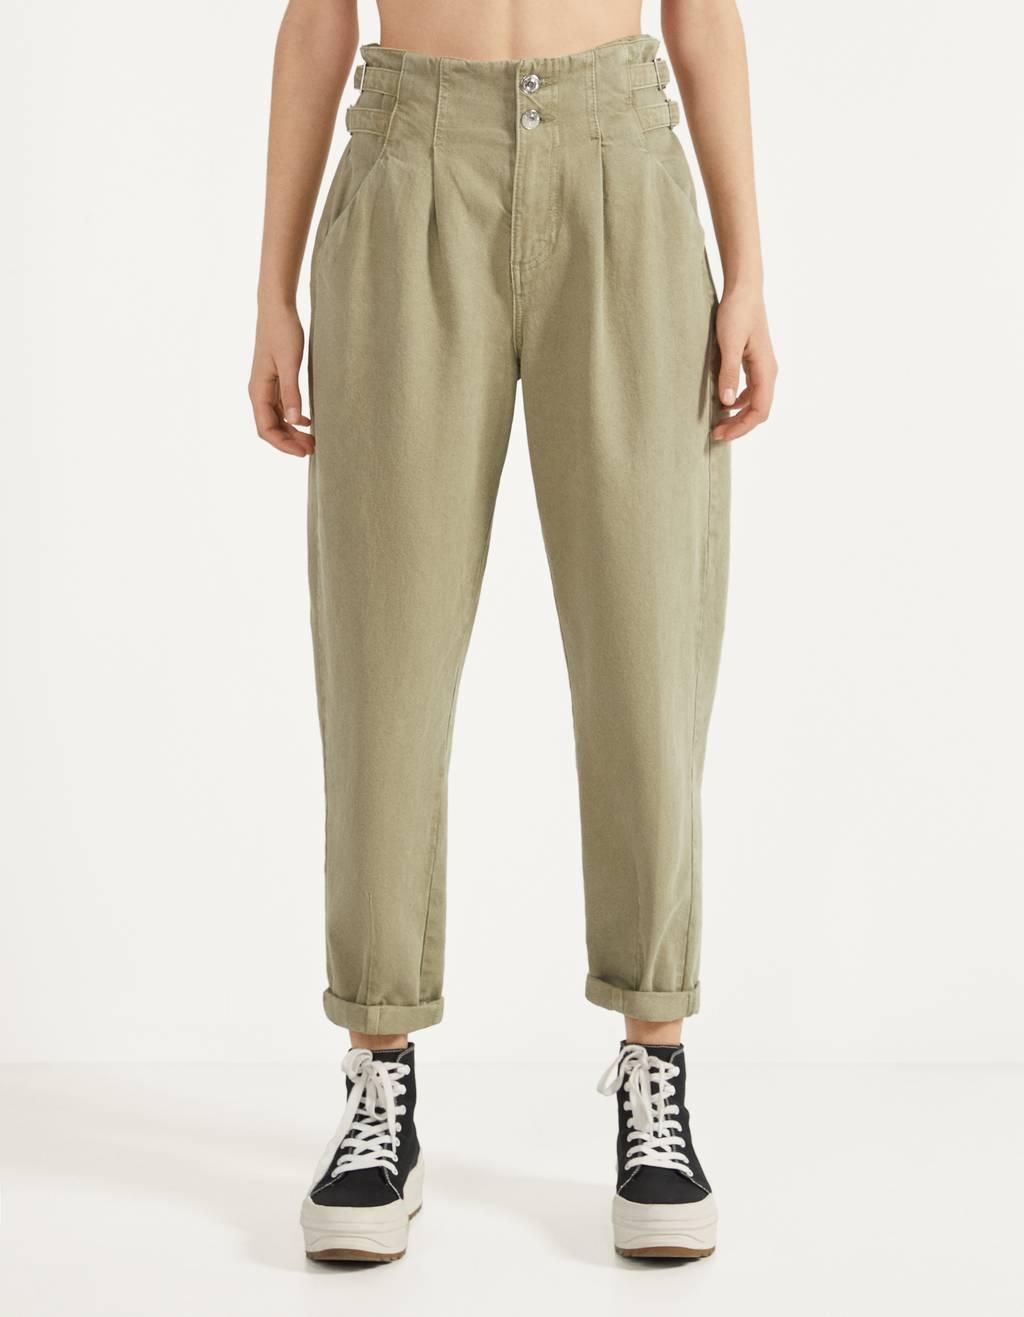 Pantalón High Waist con trabillas